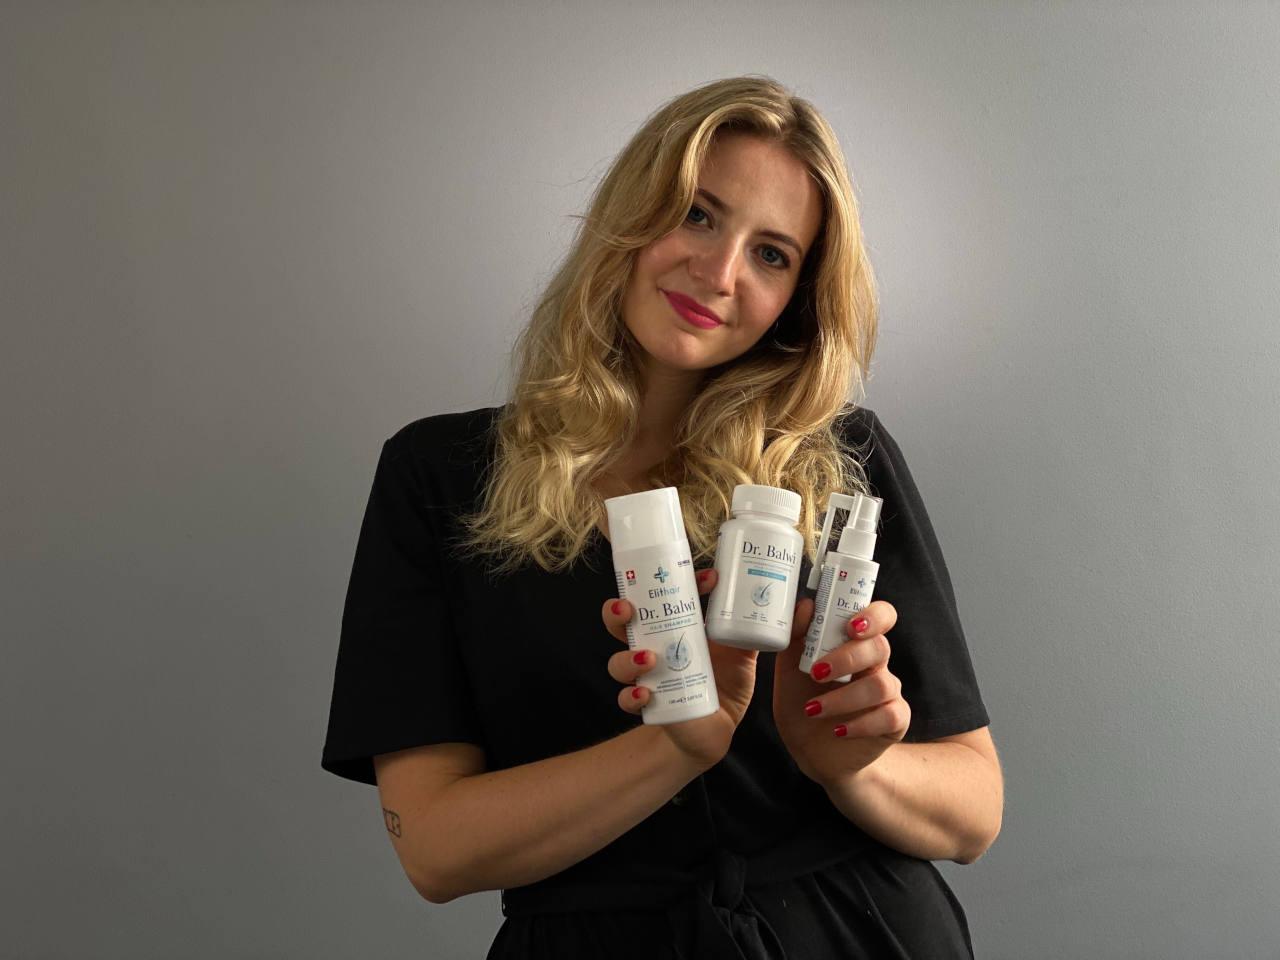 Les produits du Dr. Balwi peuvent accélérer la repousse après une perte de cheveux liée à l'alcool